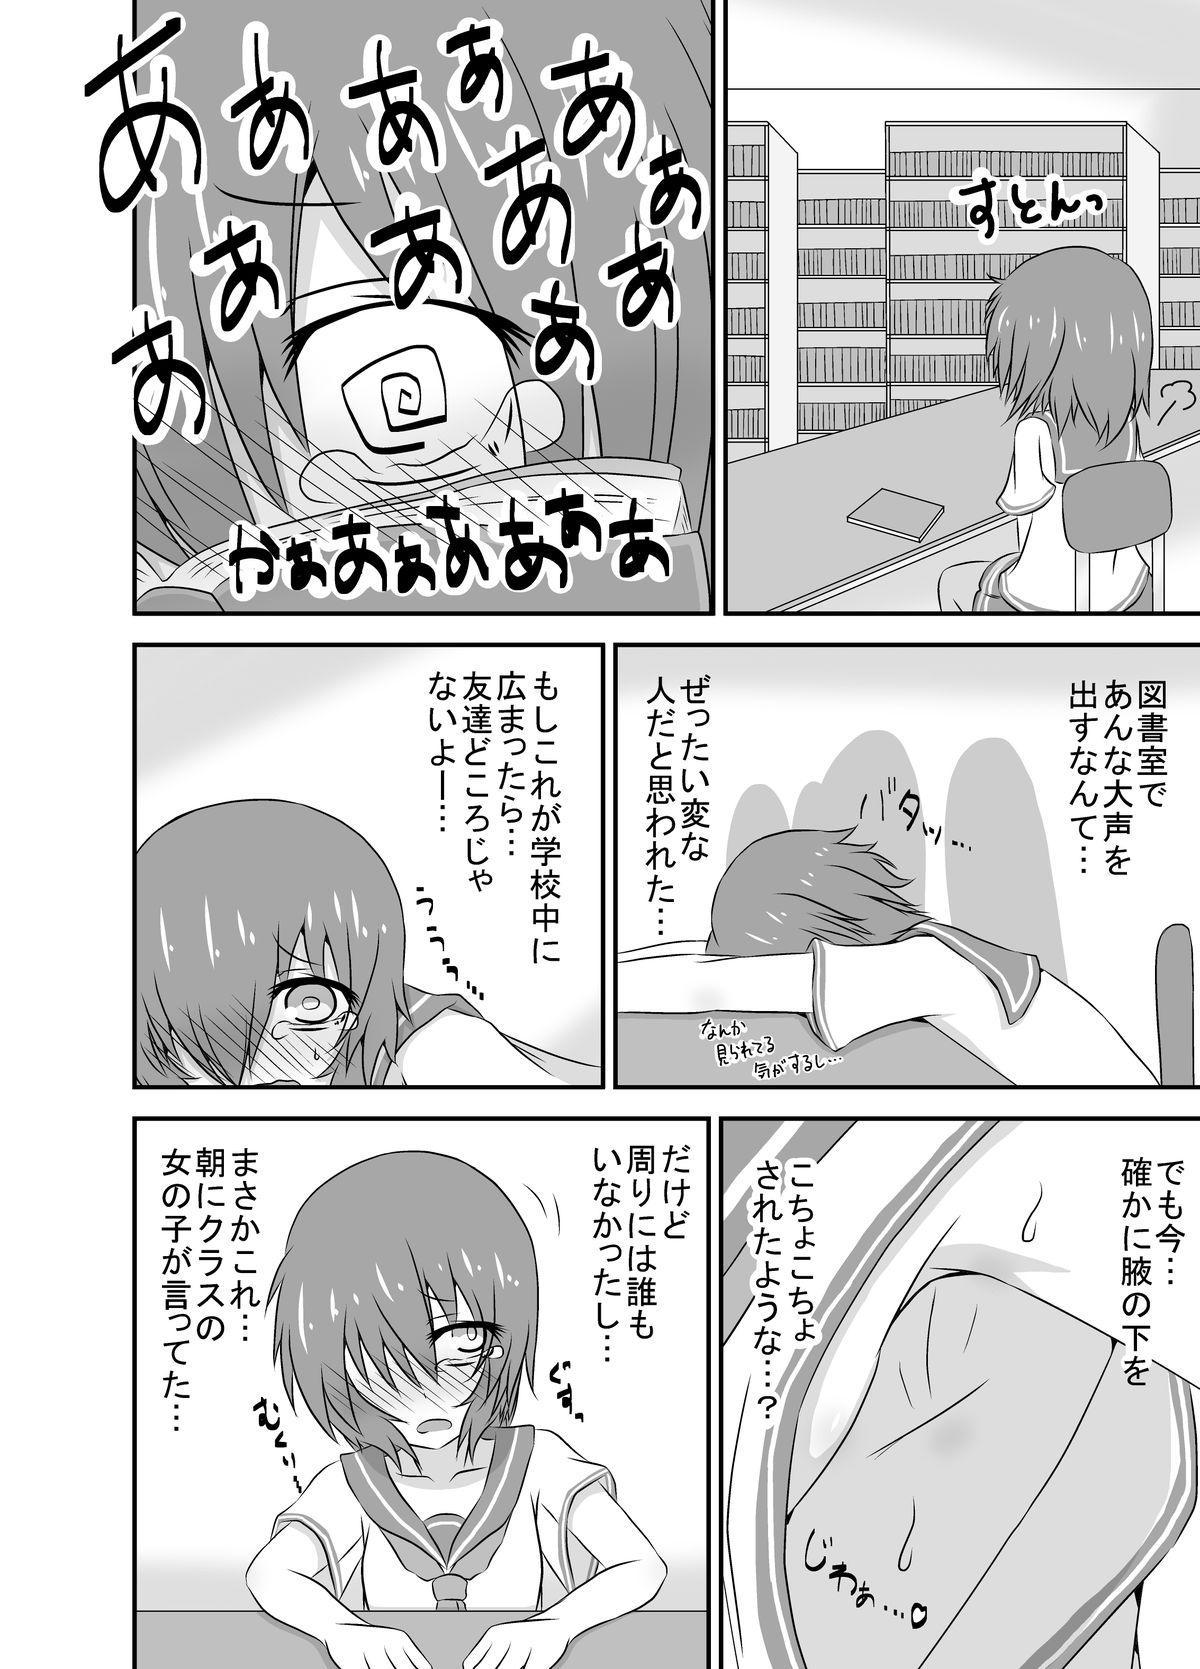 Kochokocho Okako-san! 3 6